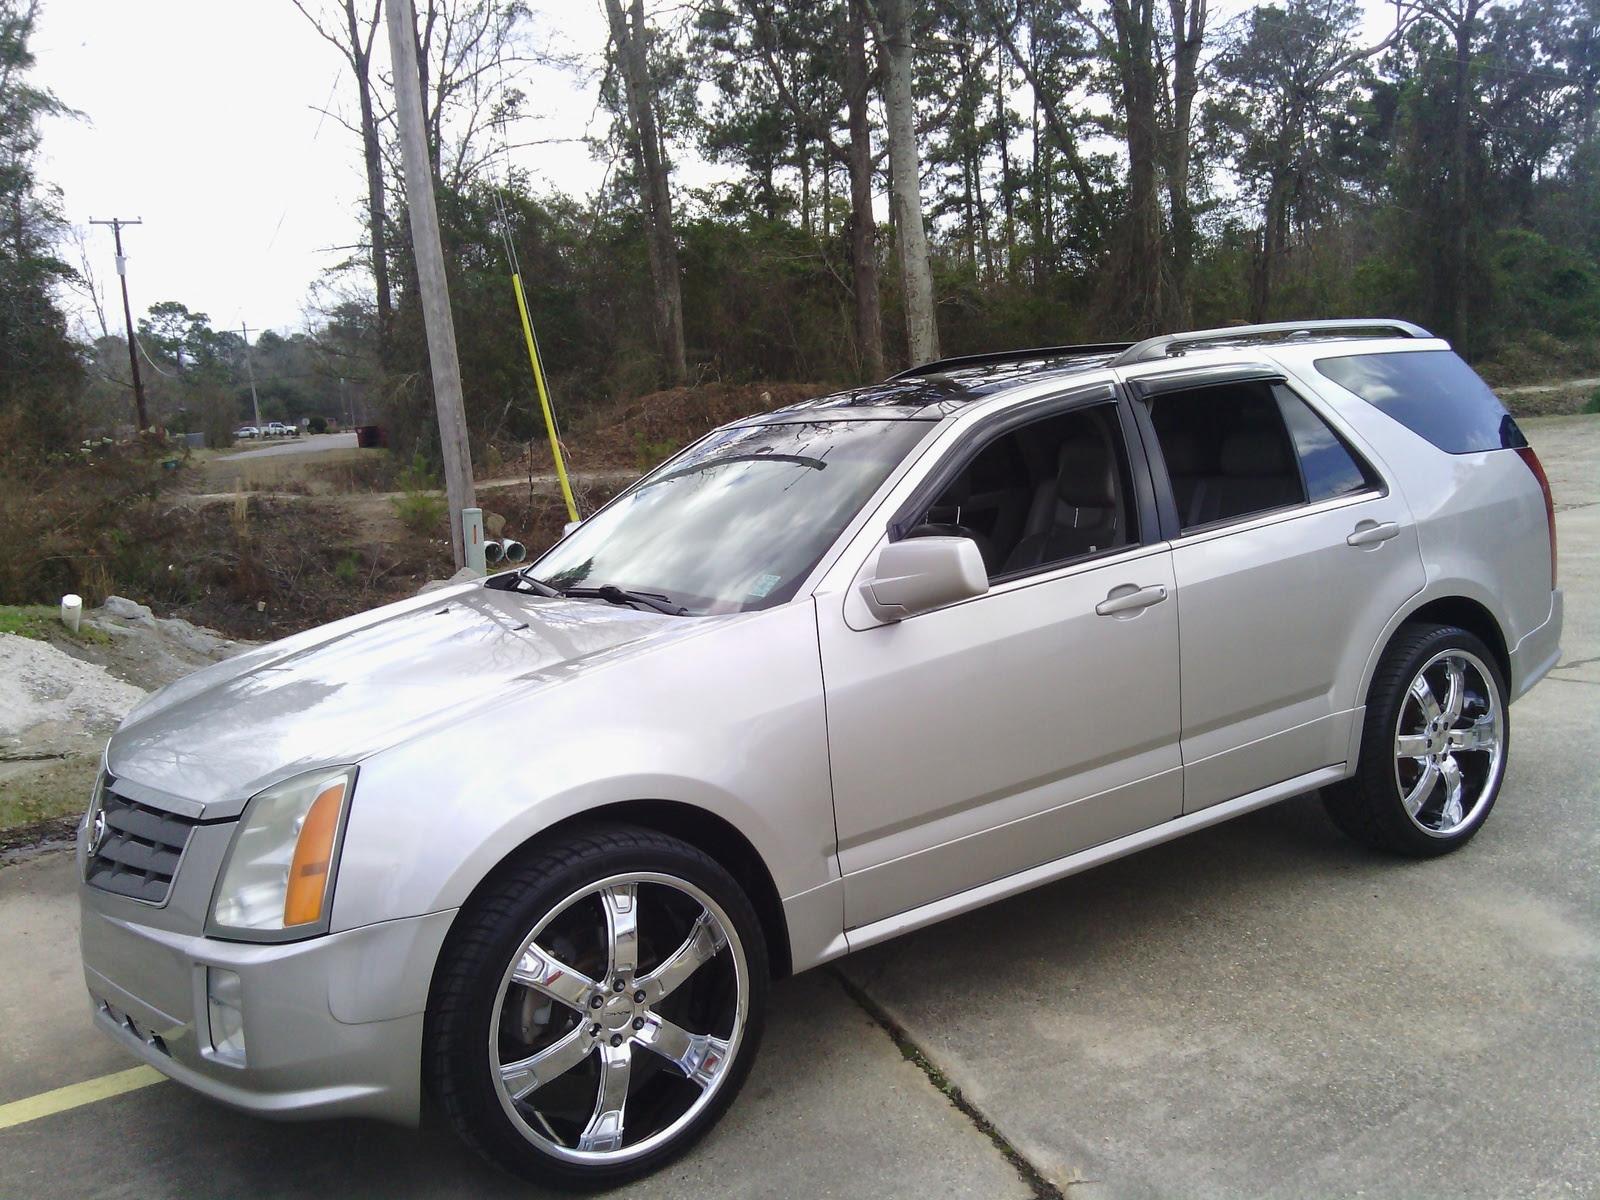 2004 Cadillac SRX - Pictures - CarGurus